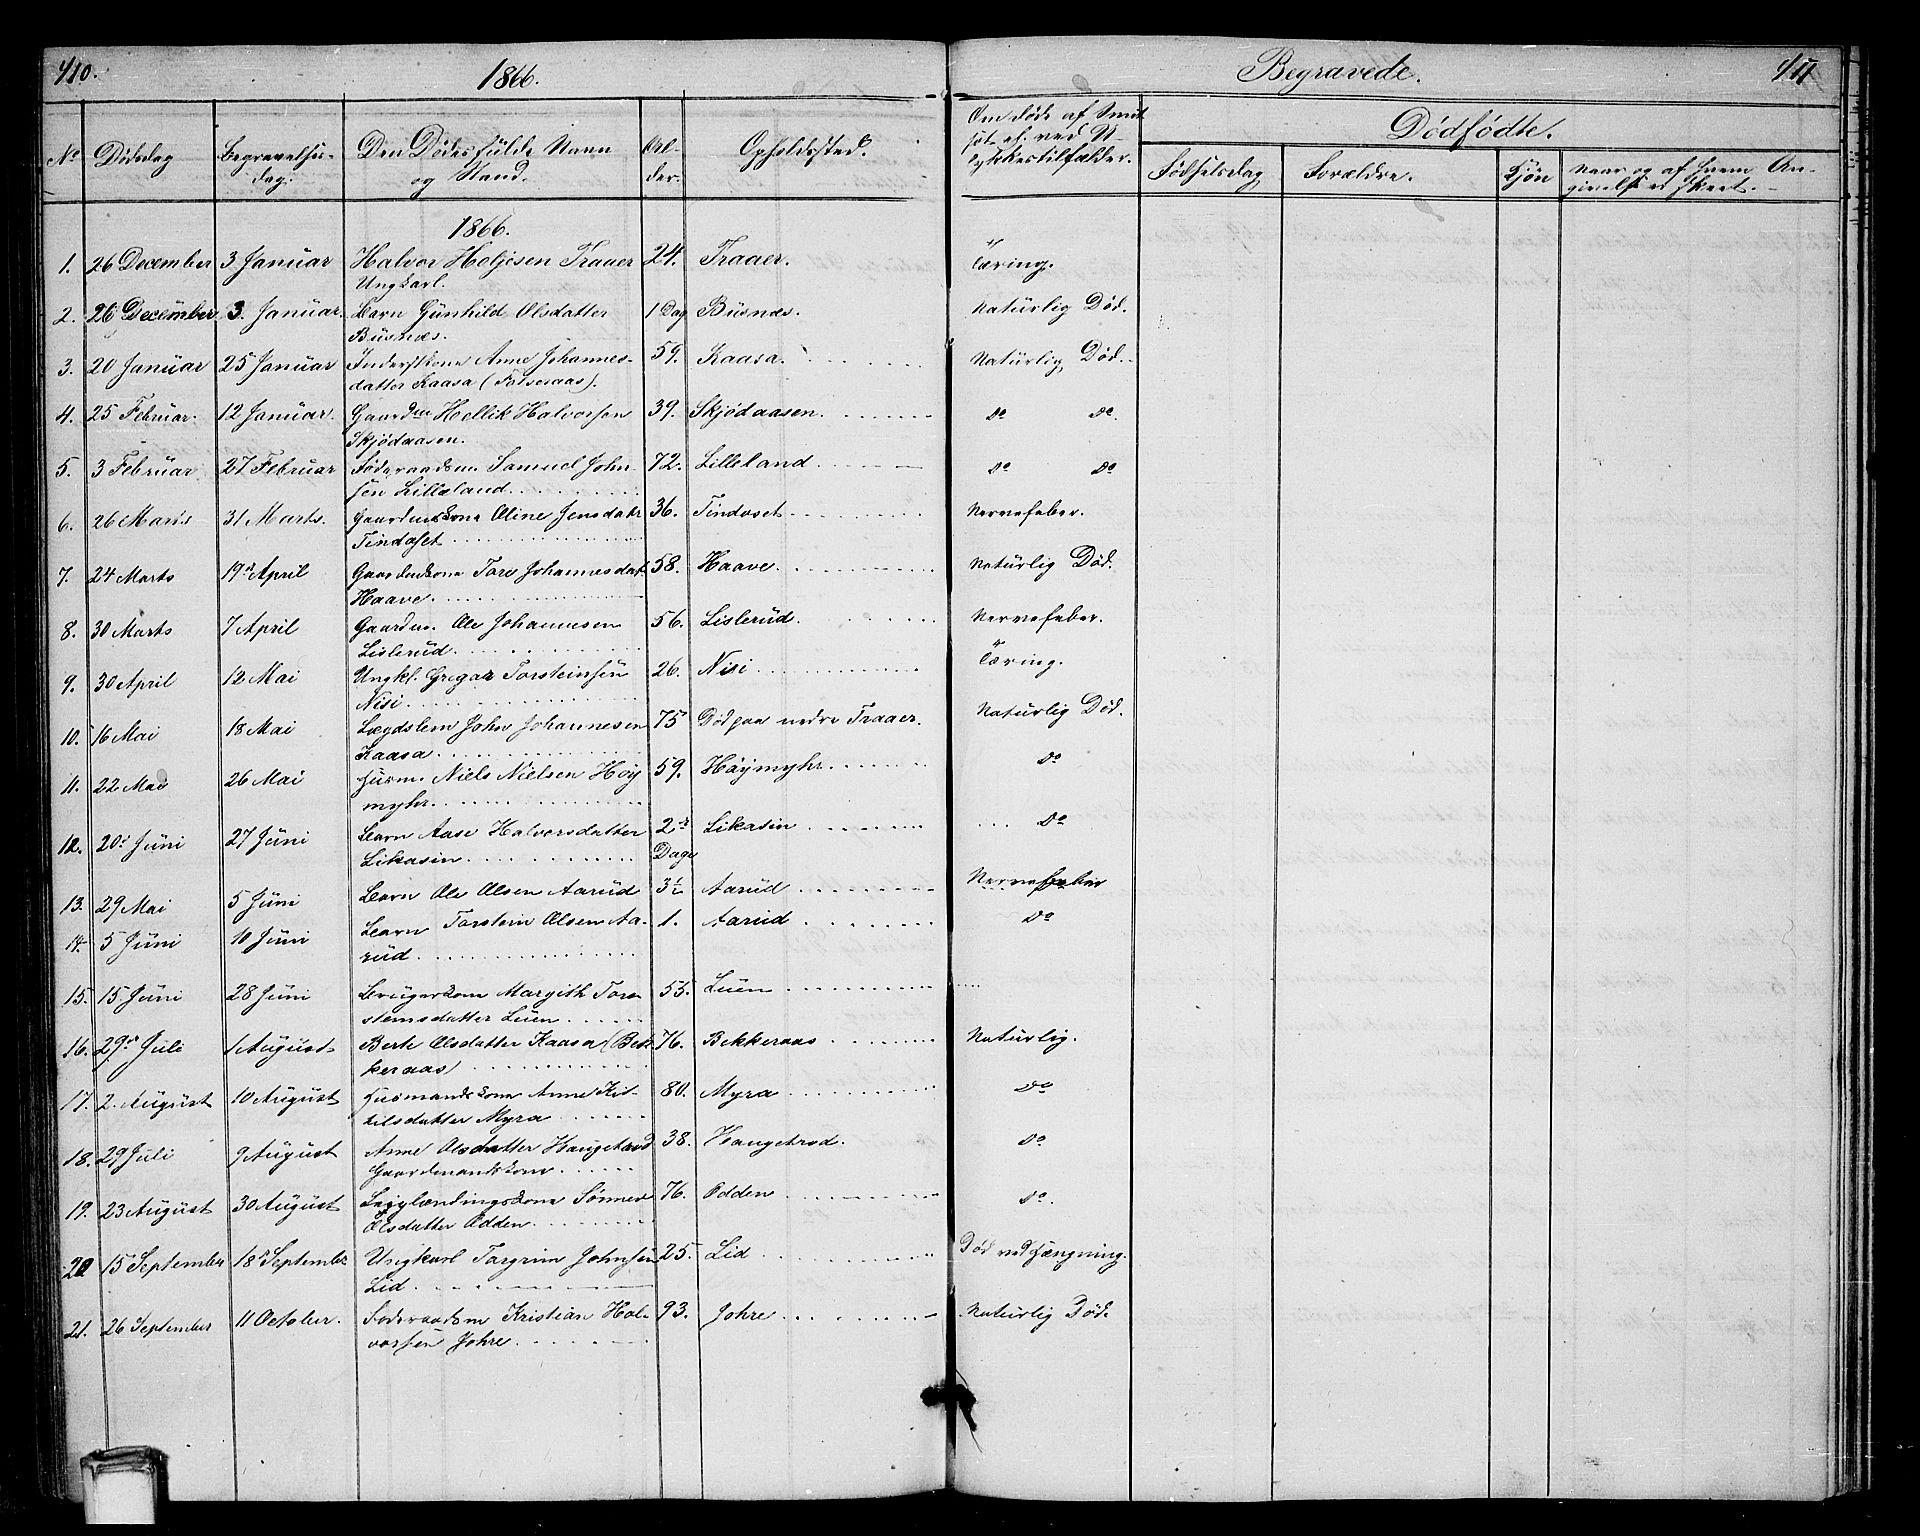 SAKO, Gransherad kirkebøker, G/Ga/L0002: Klokkerbok nr. I 2, 1854-1886, s. 410-411